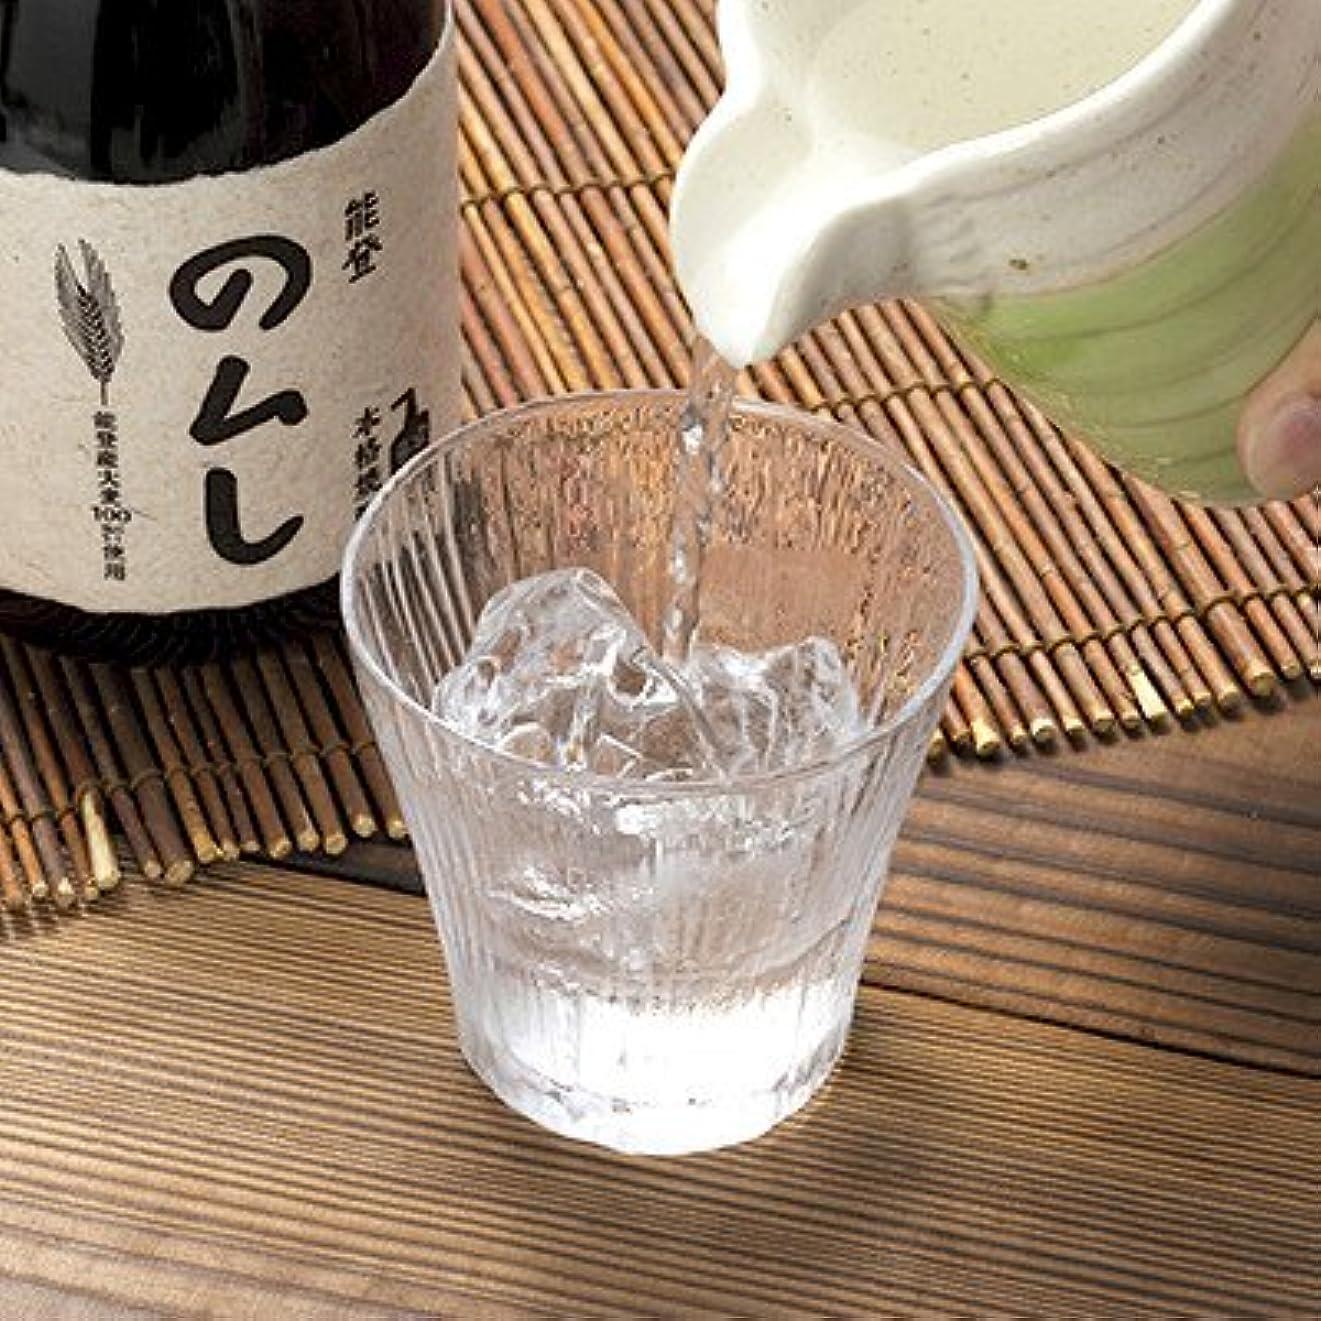 ミルク人道的トーナメント能登産大麦を100%使用した本格有機麦焼酎?能登のムし 日本醗酵化成?石川県